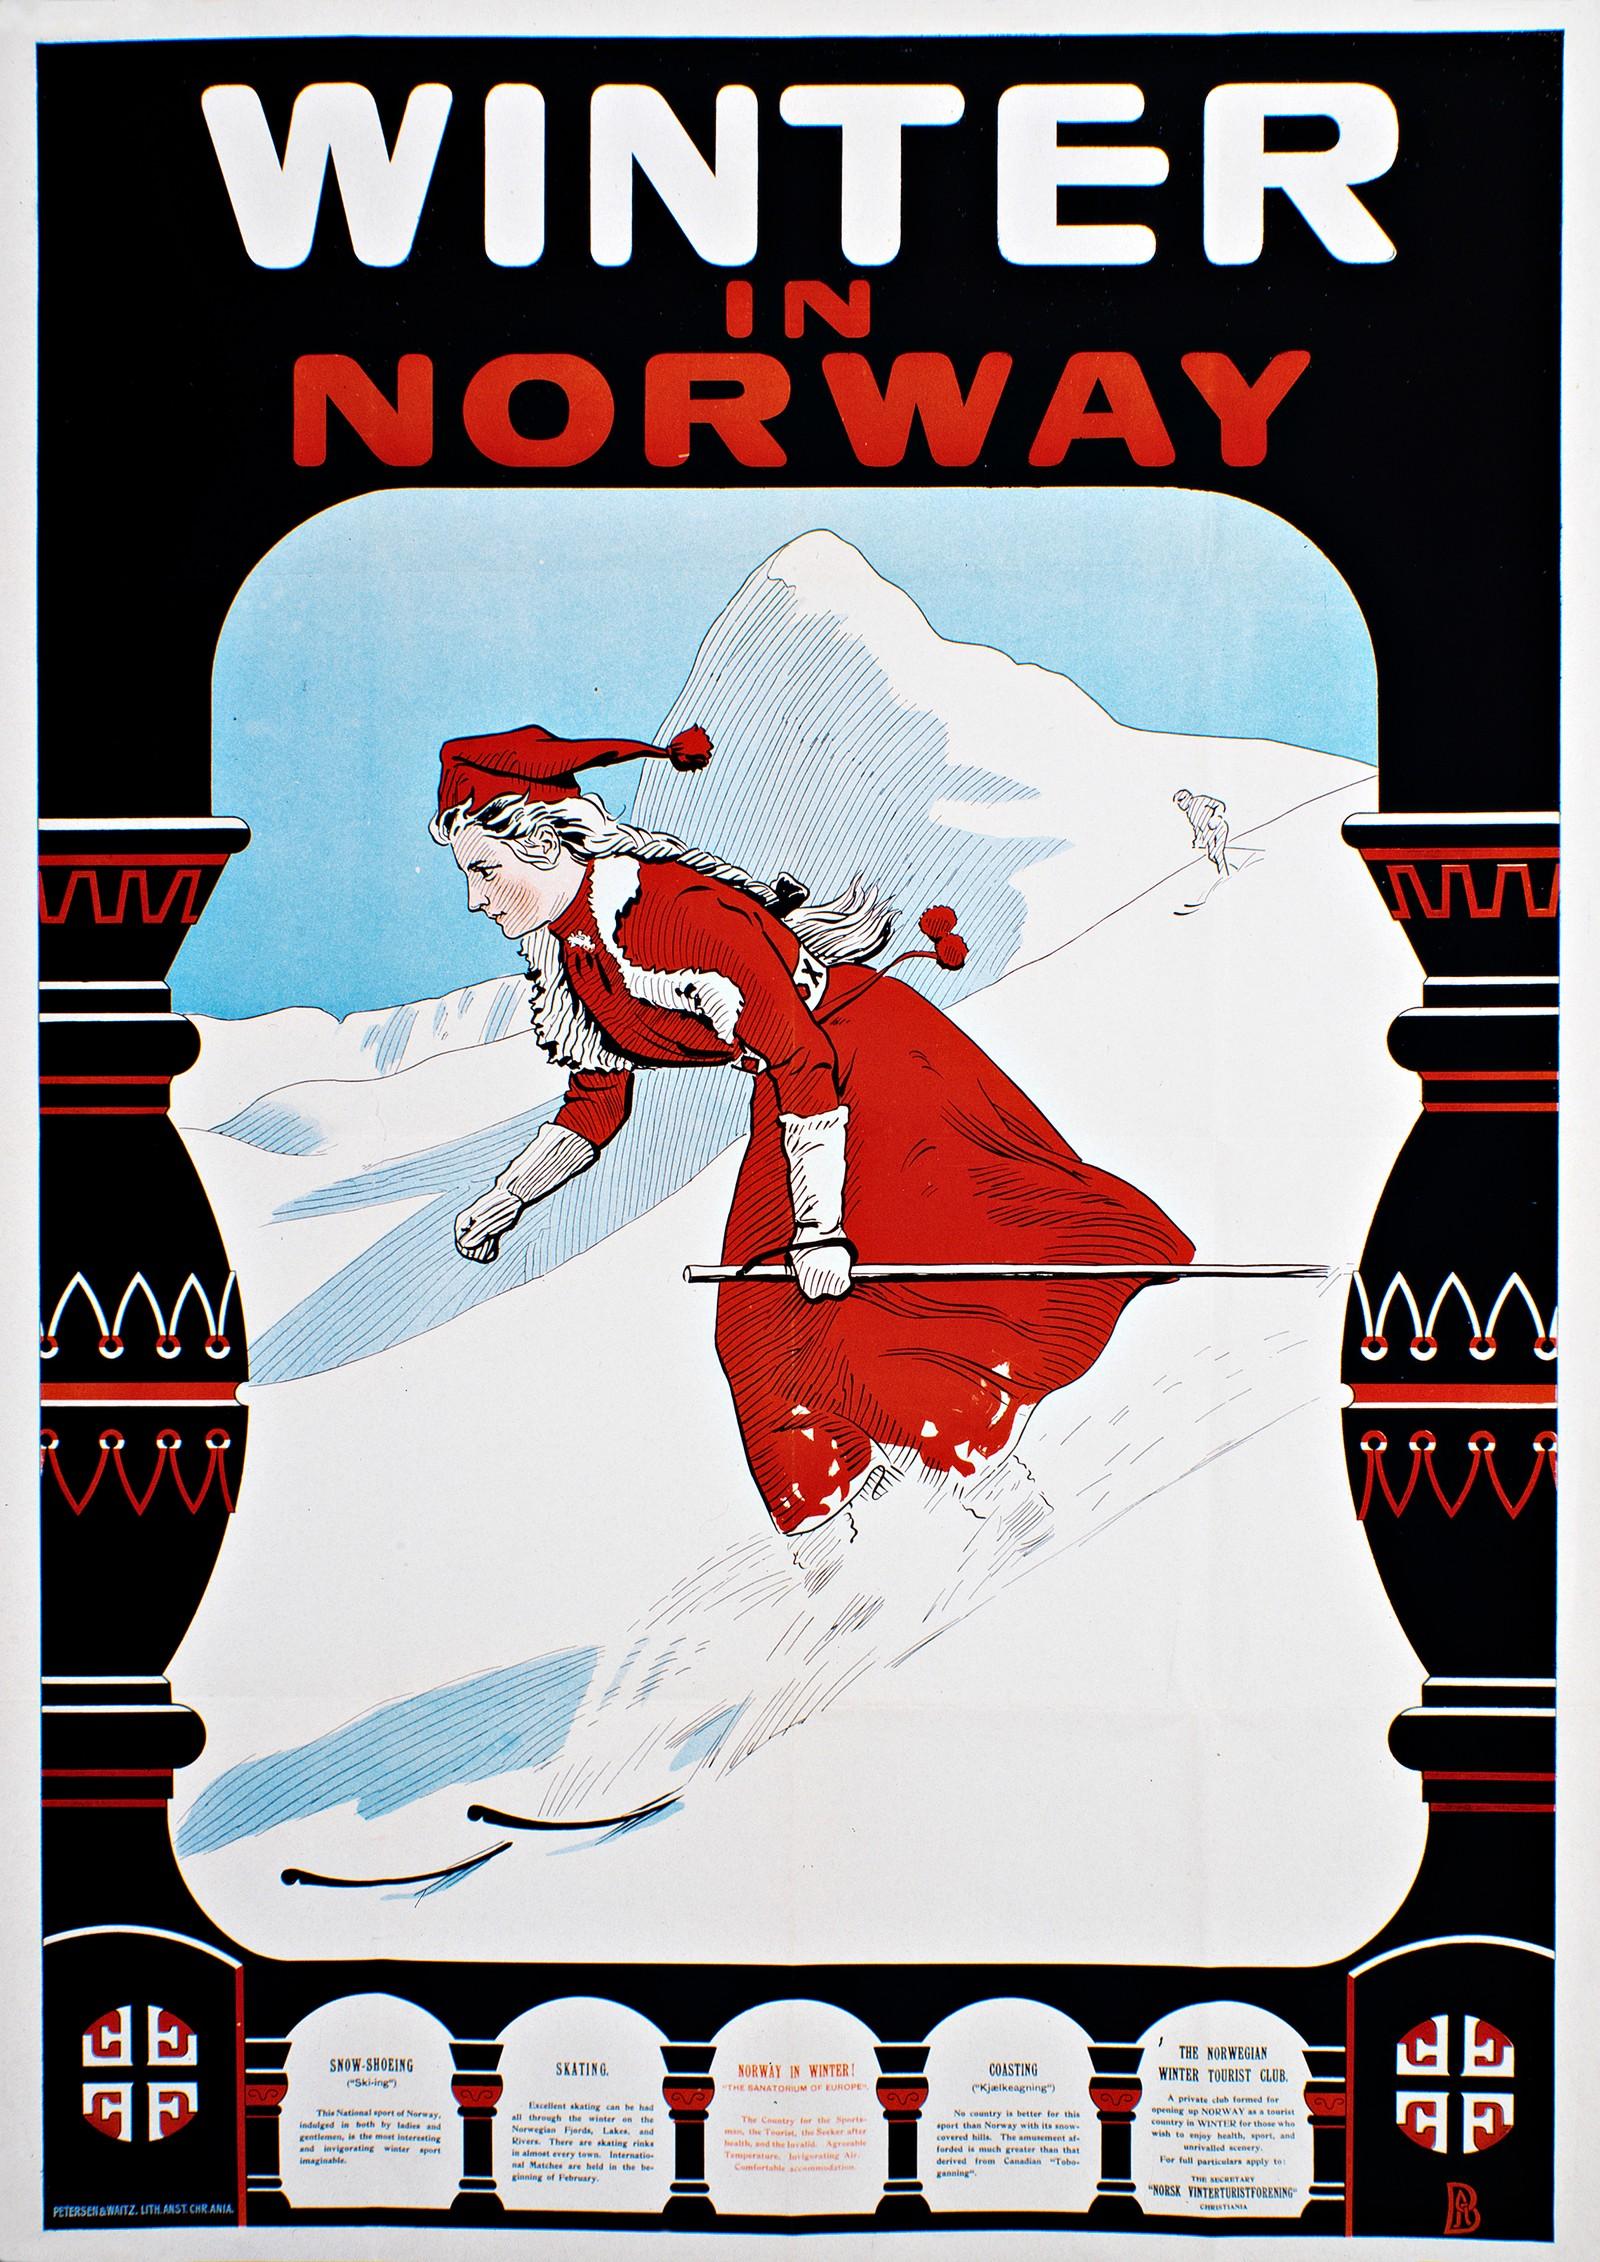 Winter in Norway. Norsk turistplakat fra 1907 av Andreas Bloch (1860-1917) beregnet på et britisk publikum.